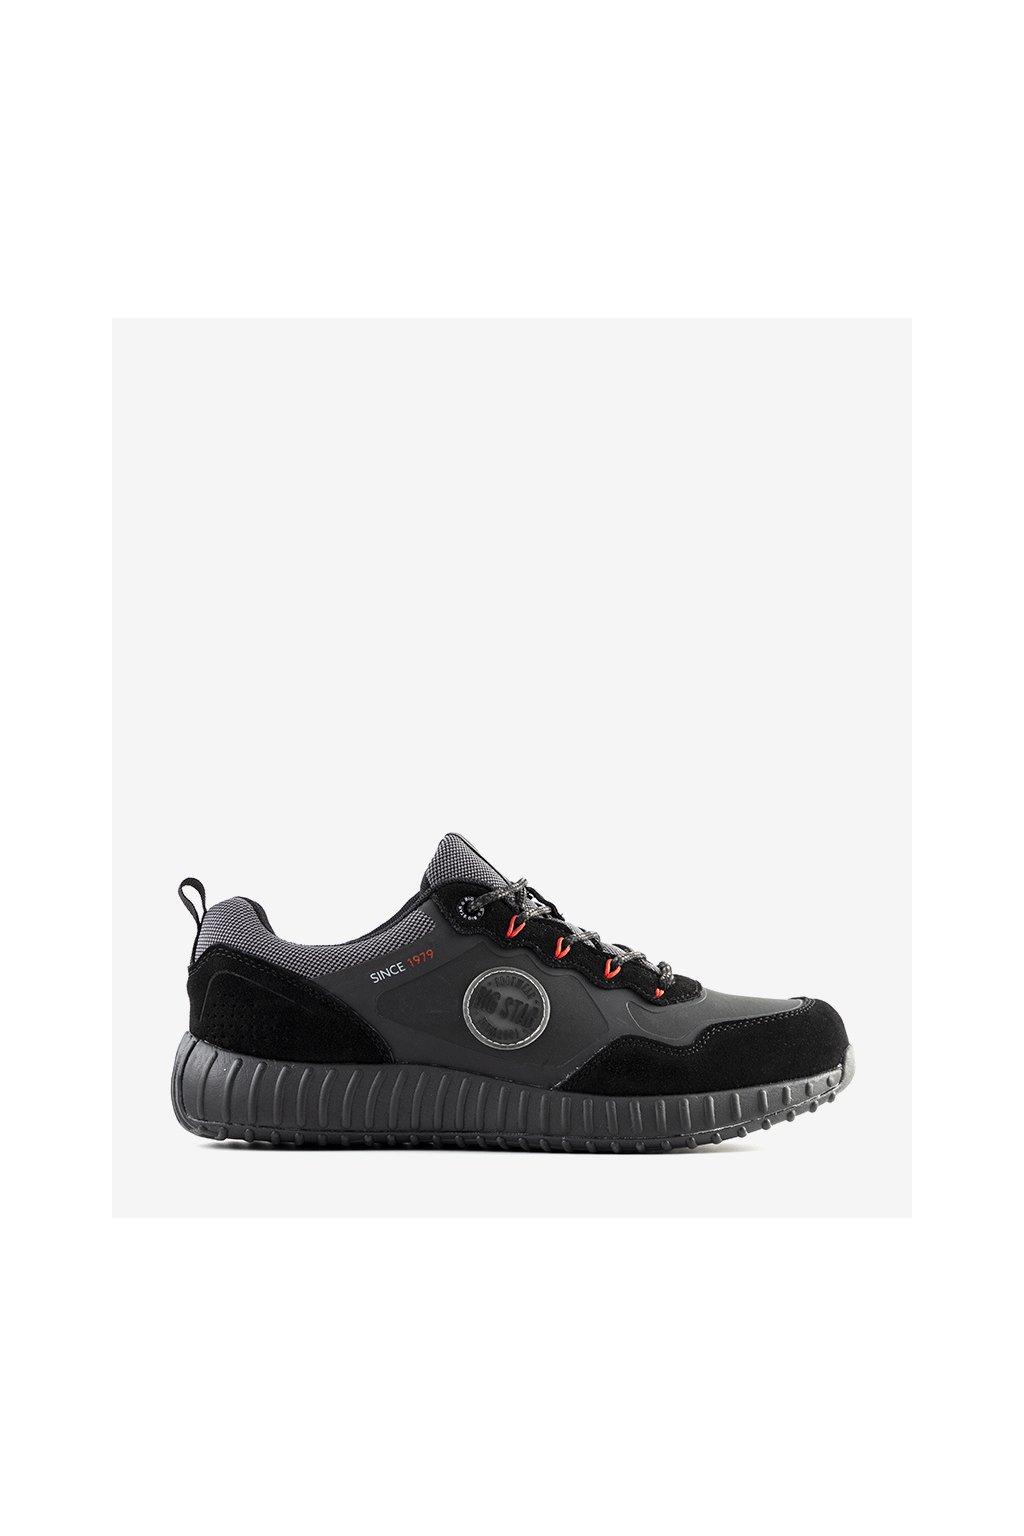 Pánske topánky tenisky čierne kód II174248 - GM